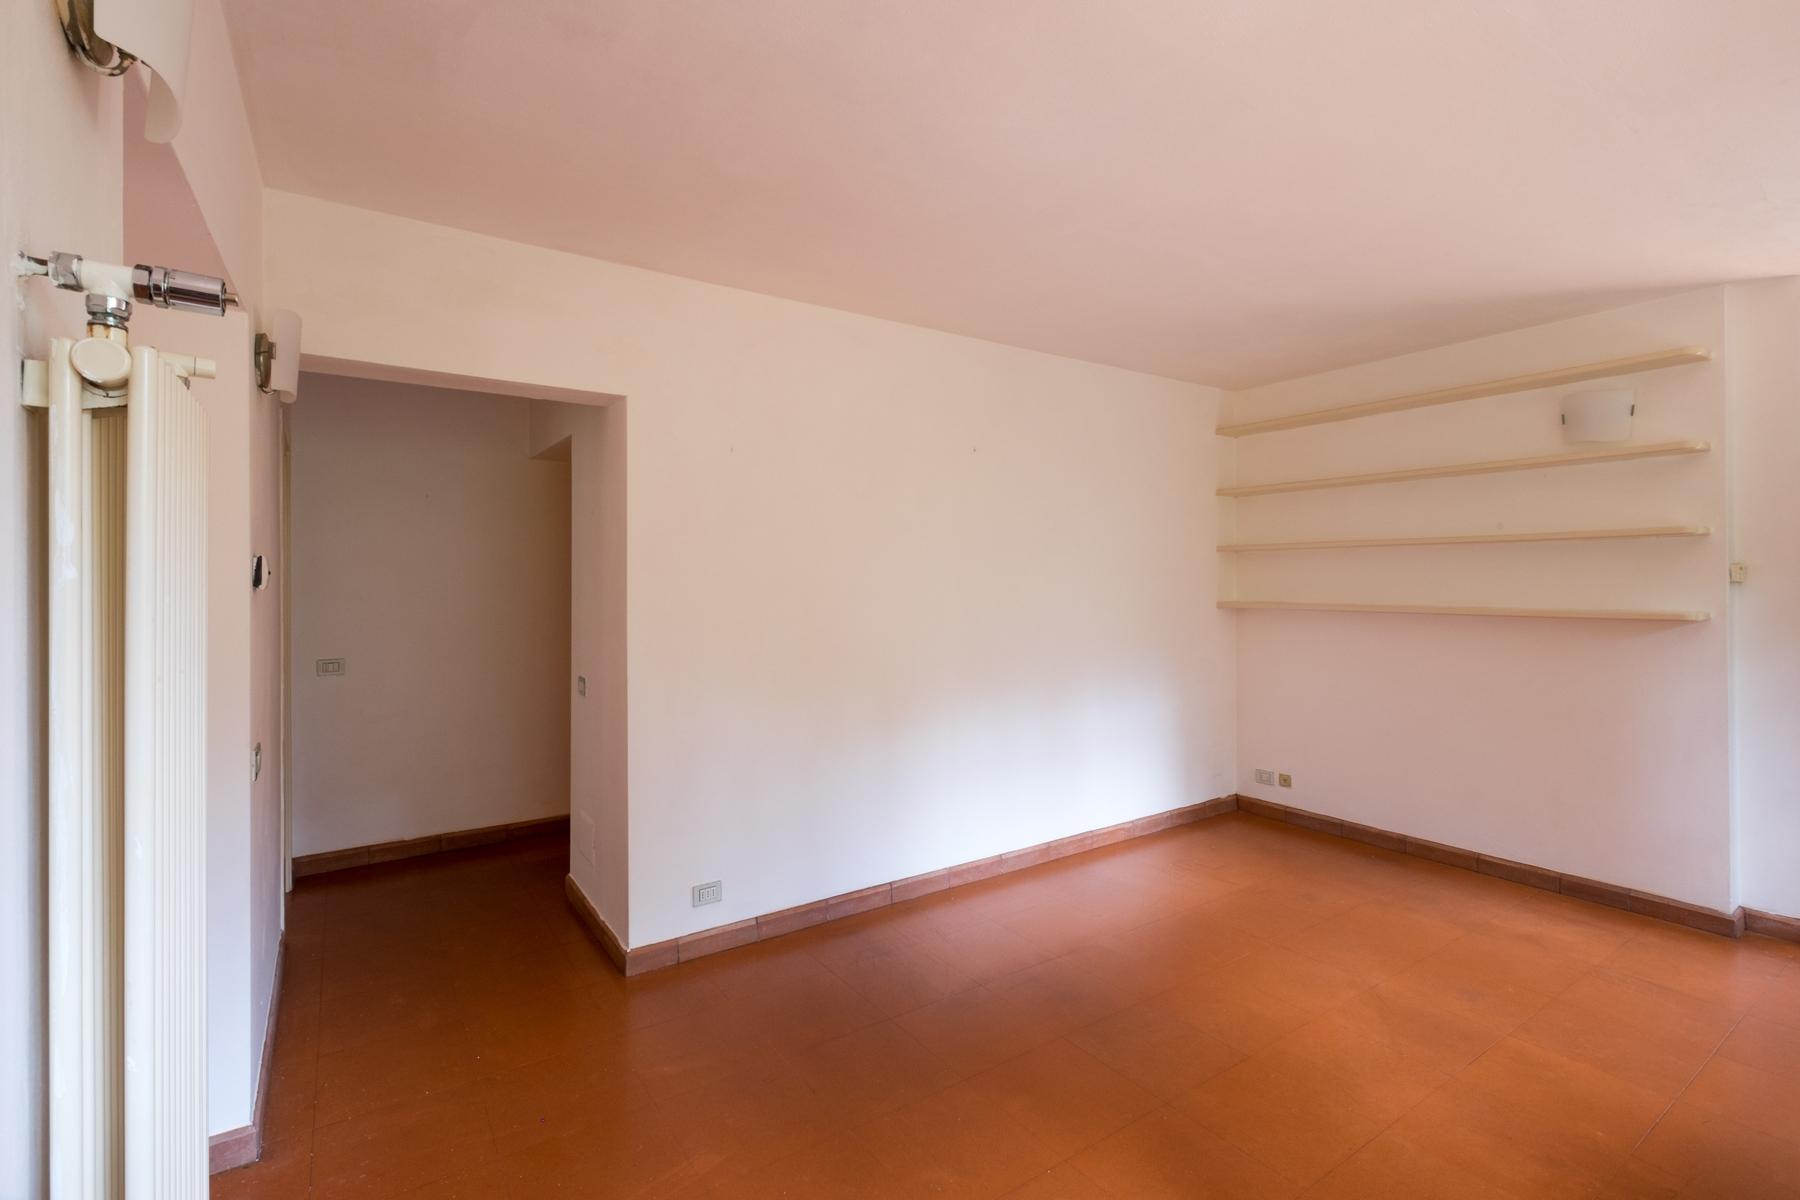 Appartamento in Vendita a Firenze: 5 locali, 82 mq - Foto 4